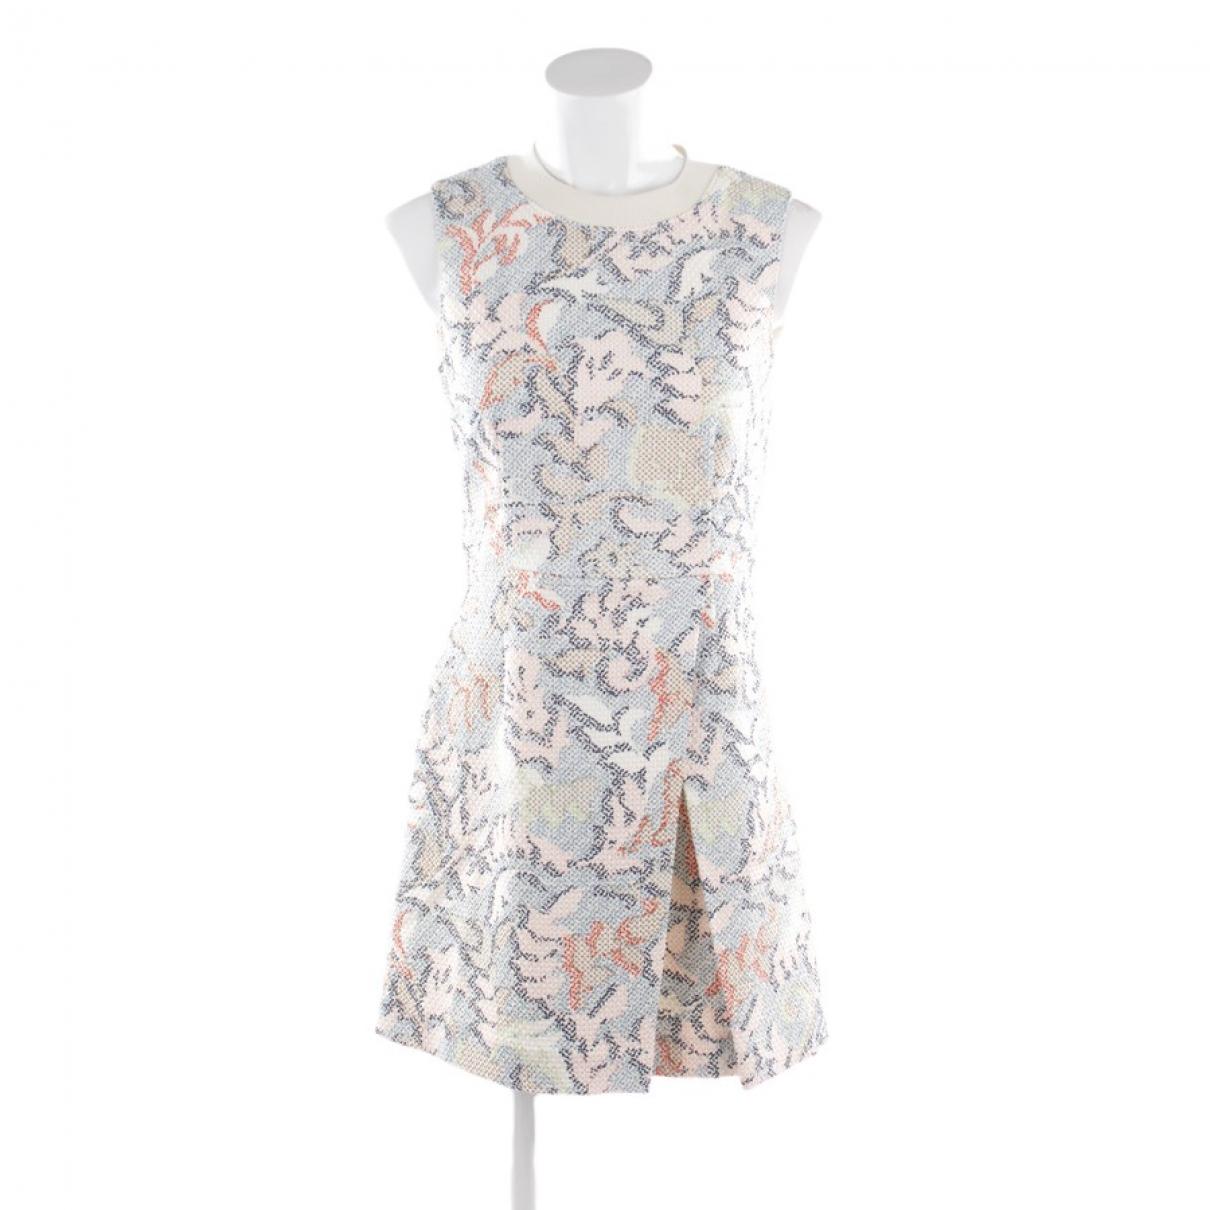 Tory Burch \N Kleid in  Bunt Polyester